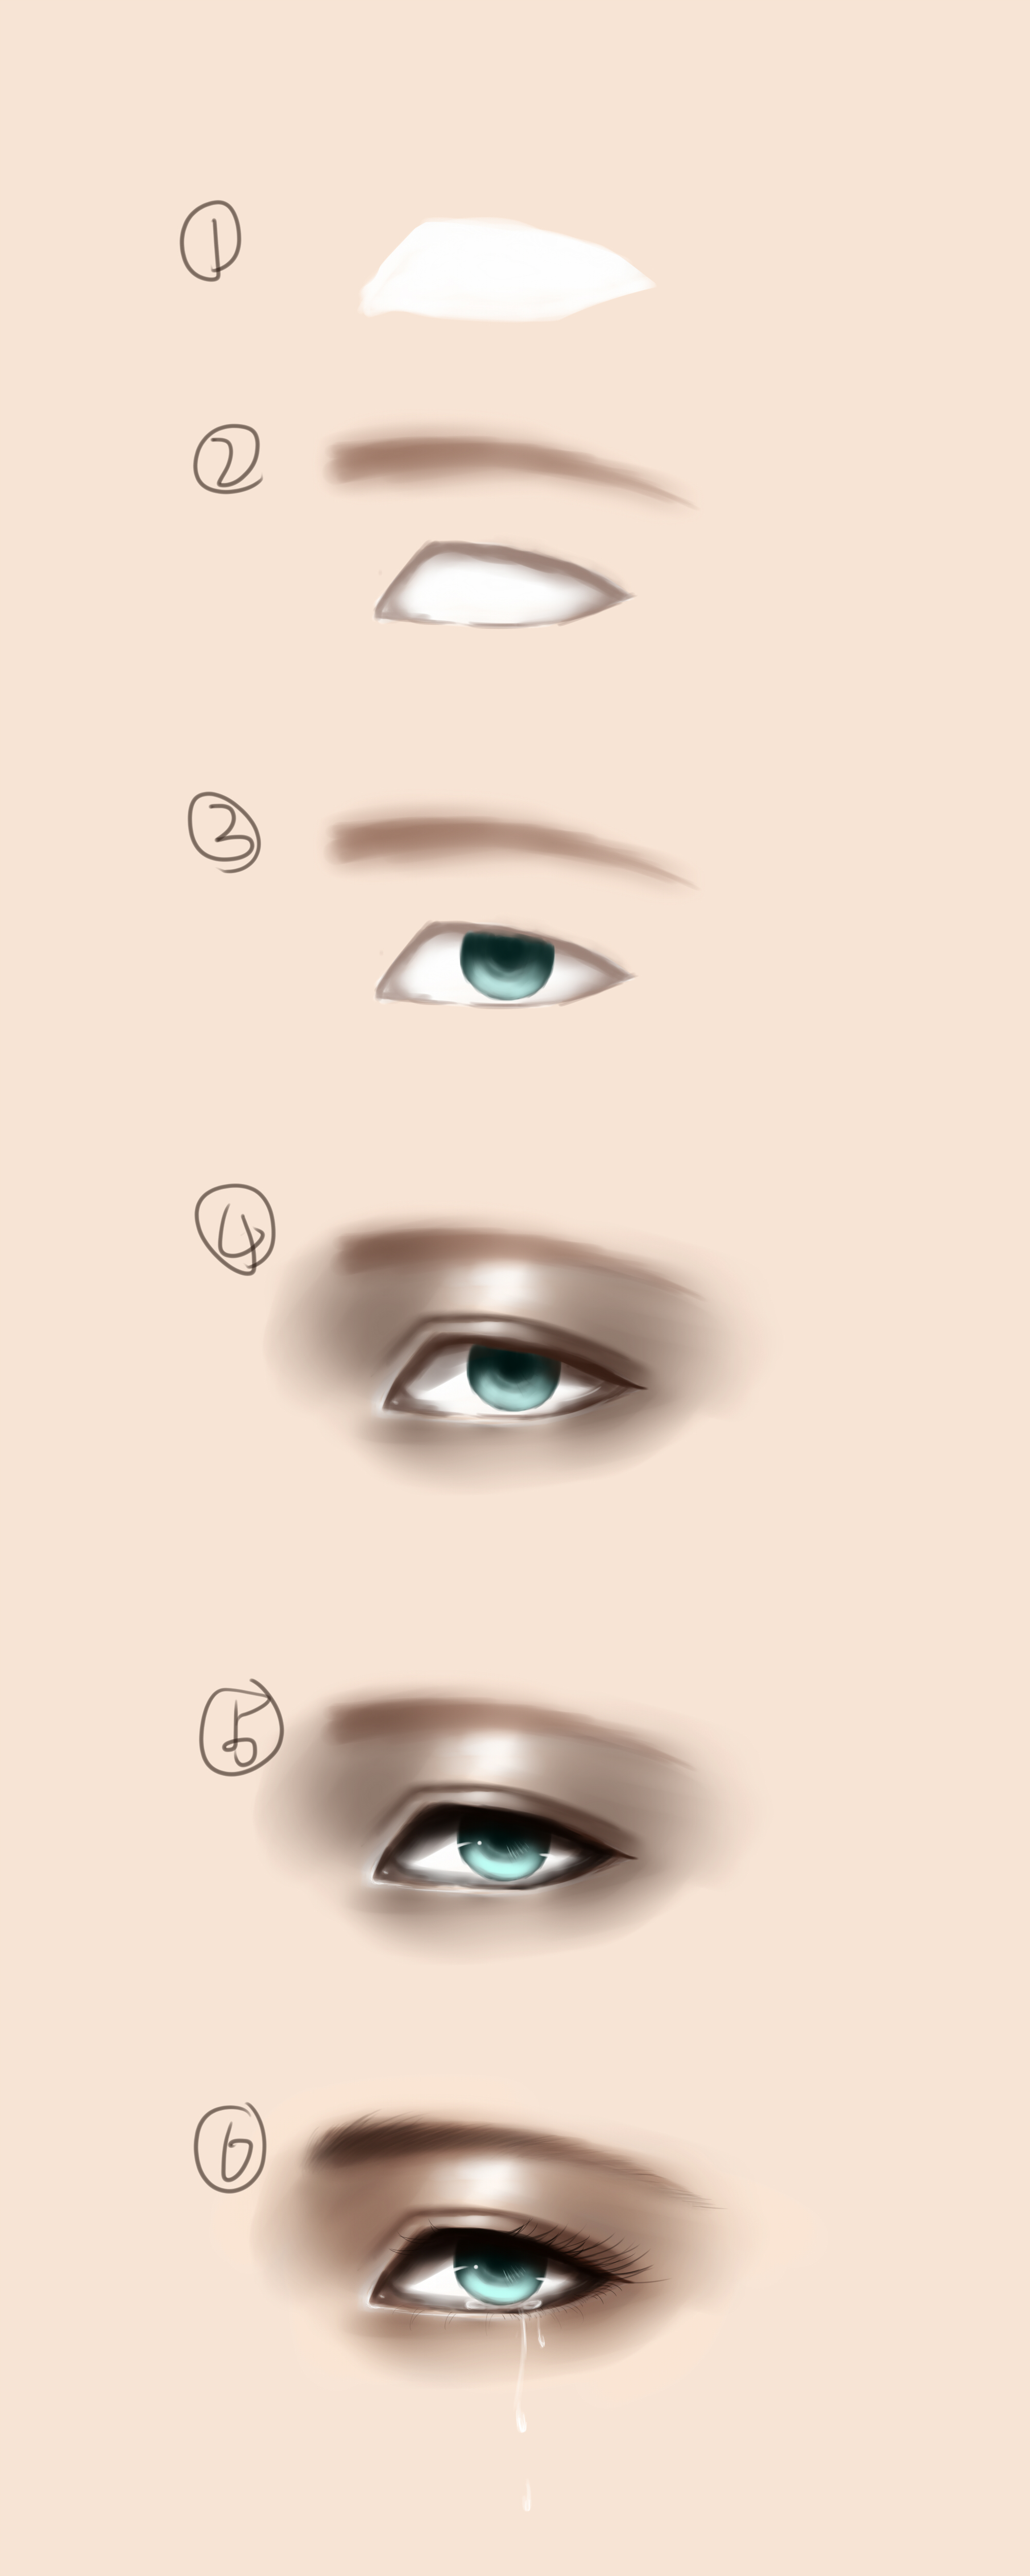 我有一只会流泪的眼睛,另一只眼睛在微笑.